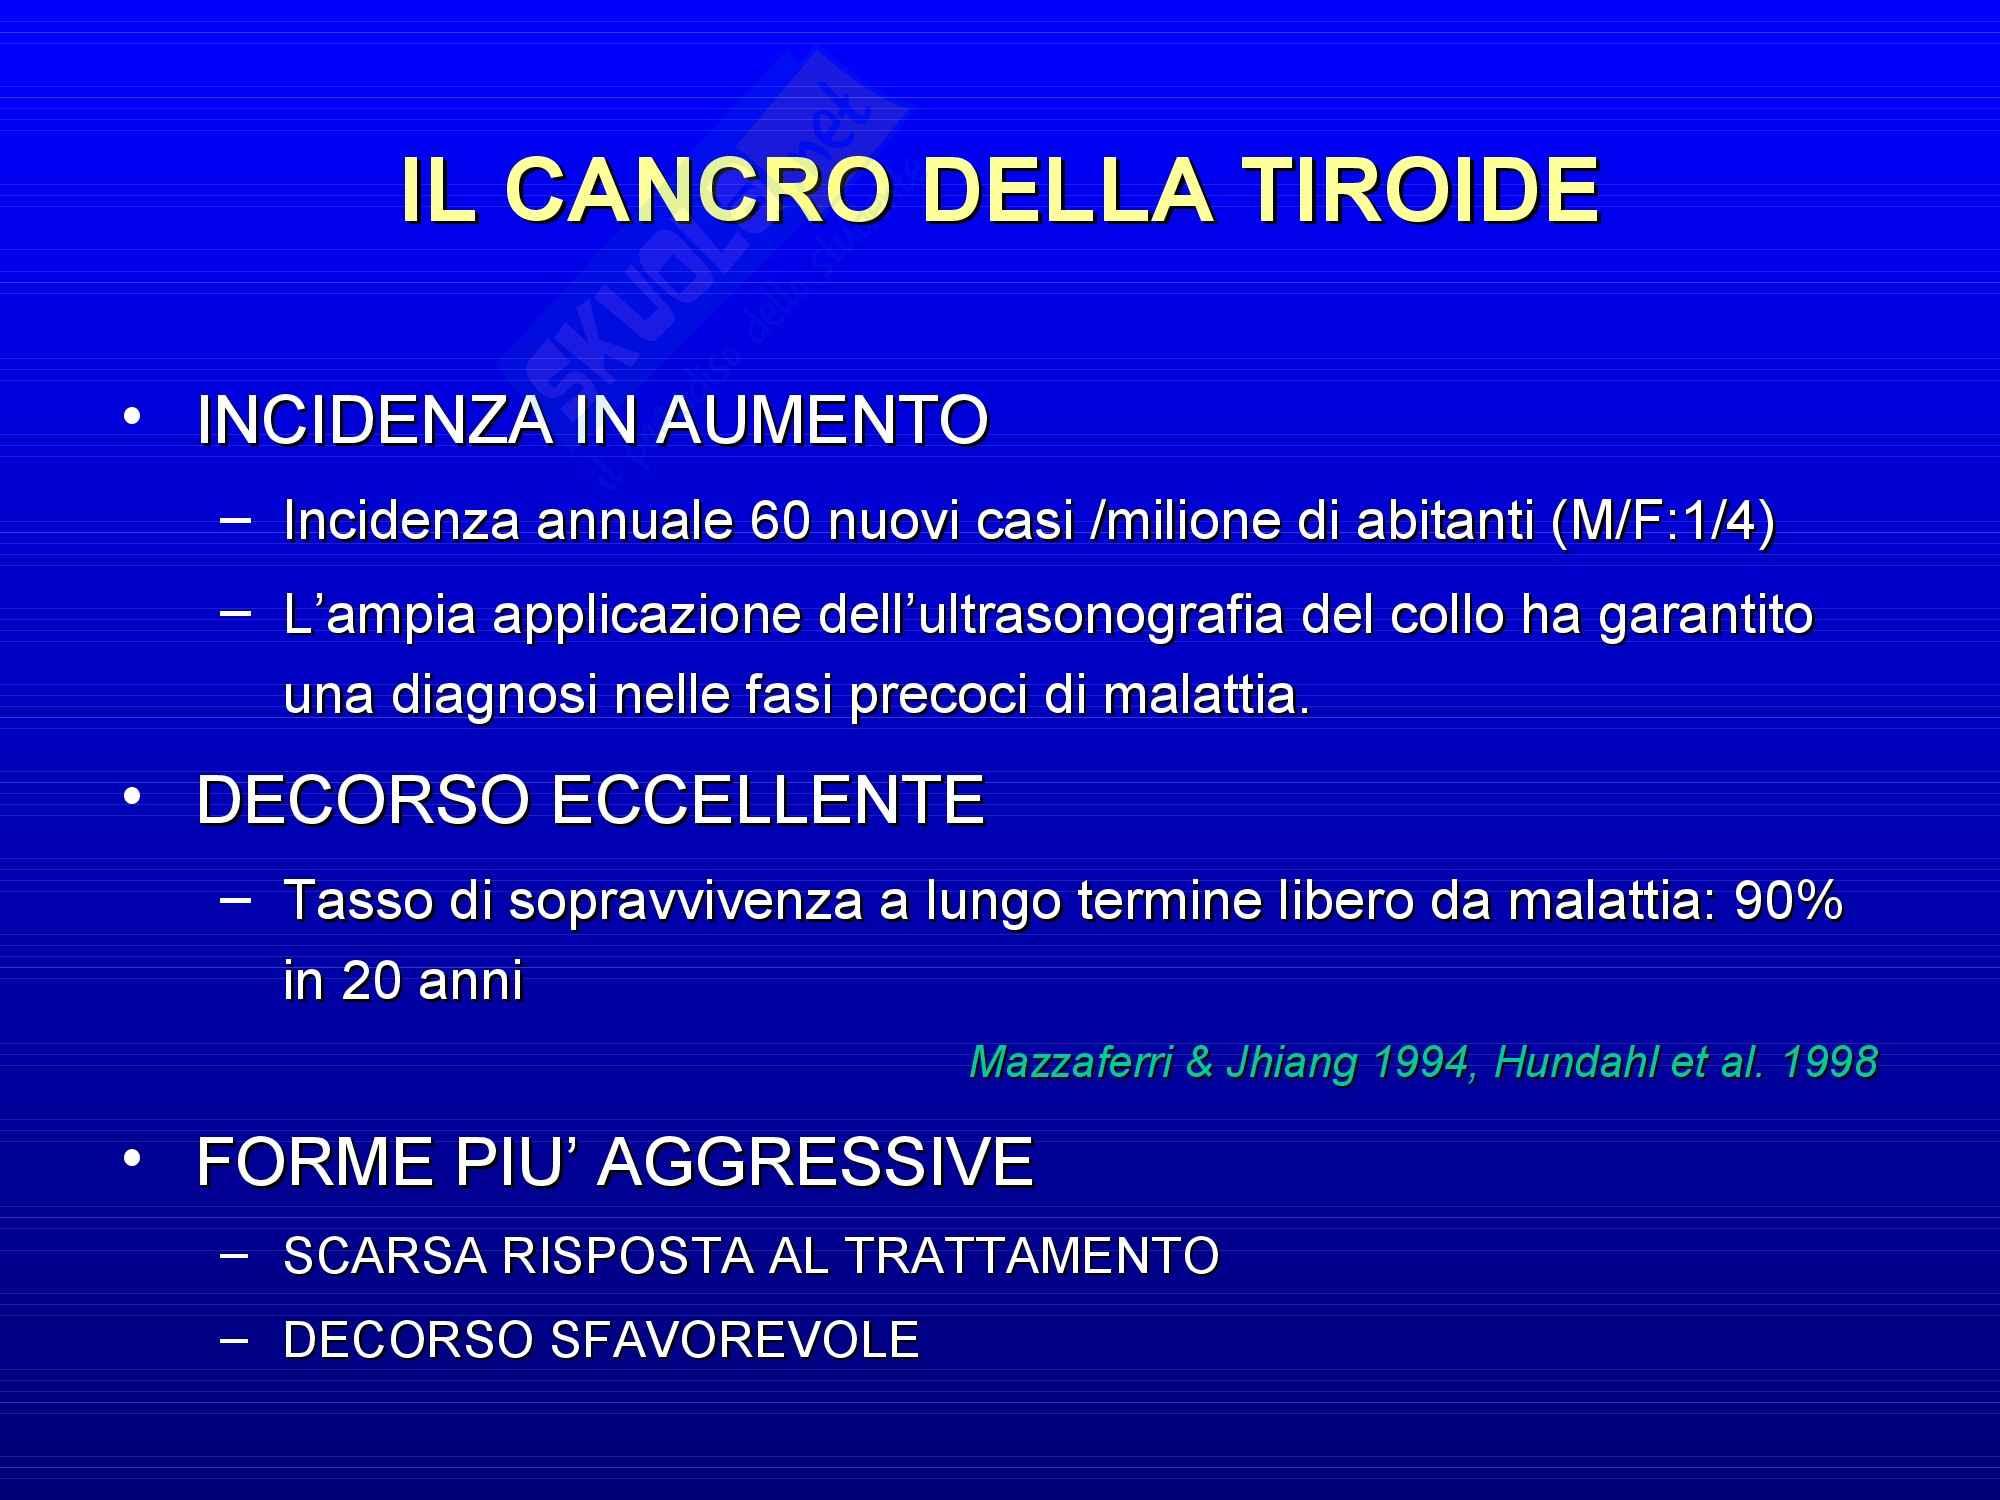 Endocrinologia - carcinoma della tiroide Pag. 2